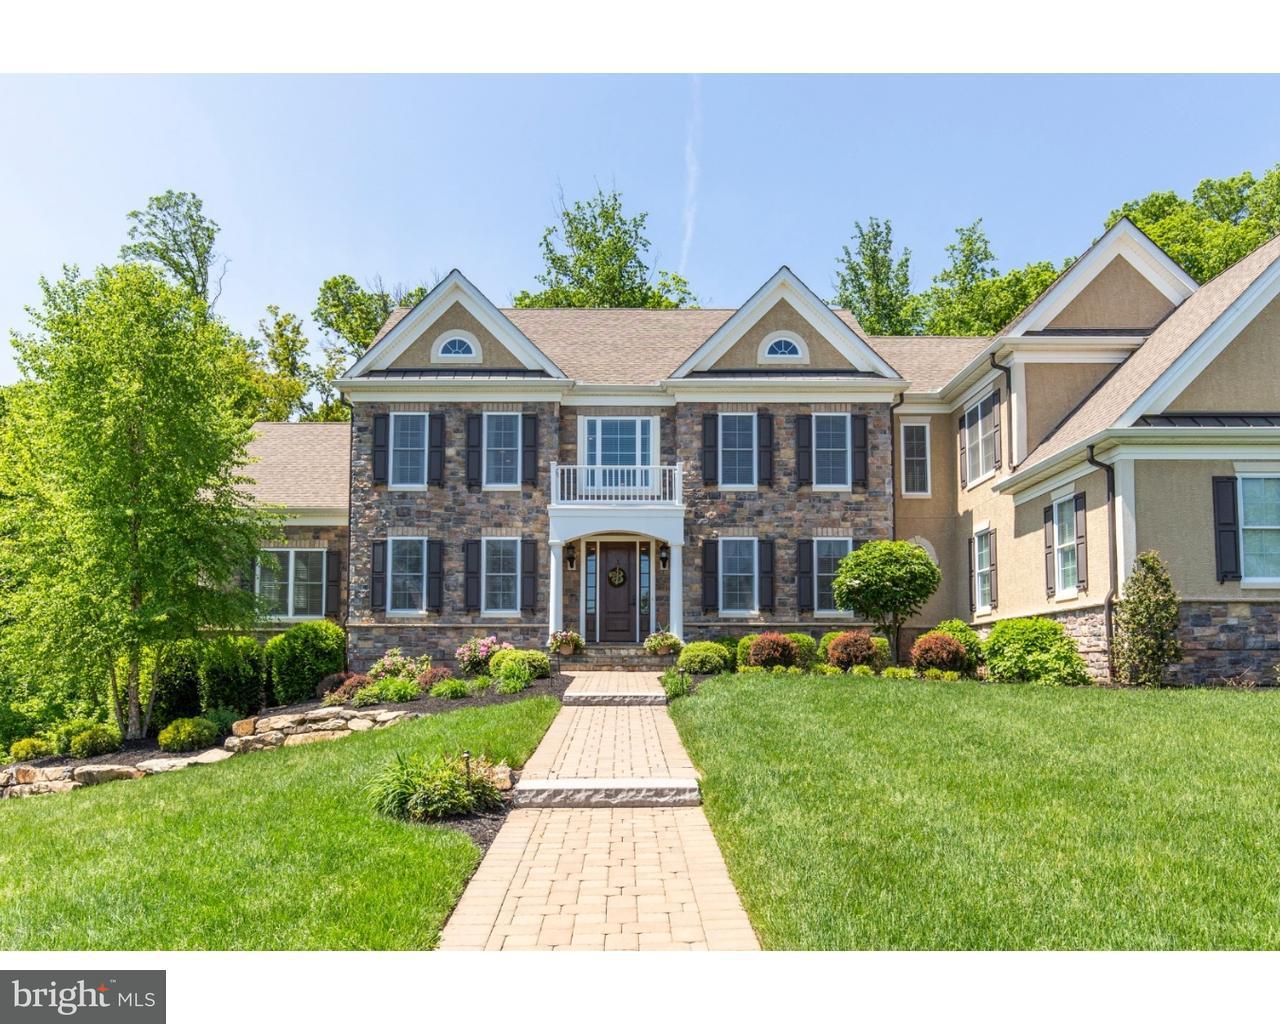 Частный односемейный дом для того Продажа на 4 OAKMONT Circle Glen Mills, Пенсильвания 19342 Соединенные Штаты